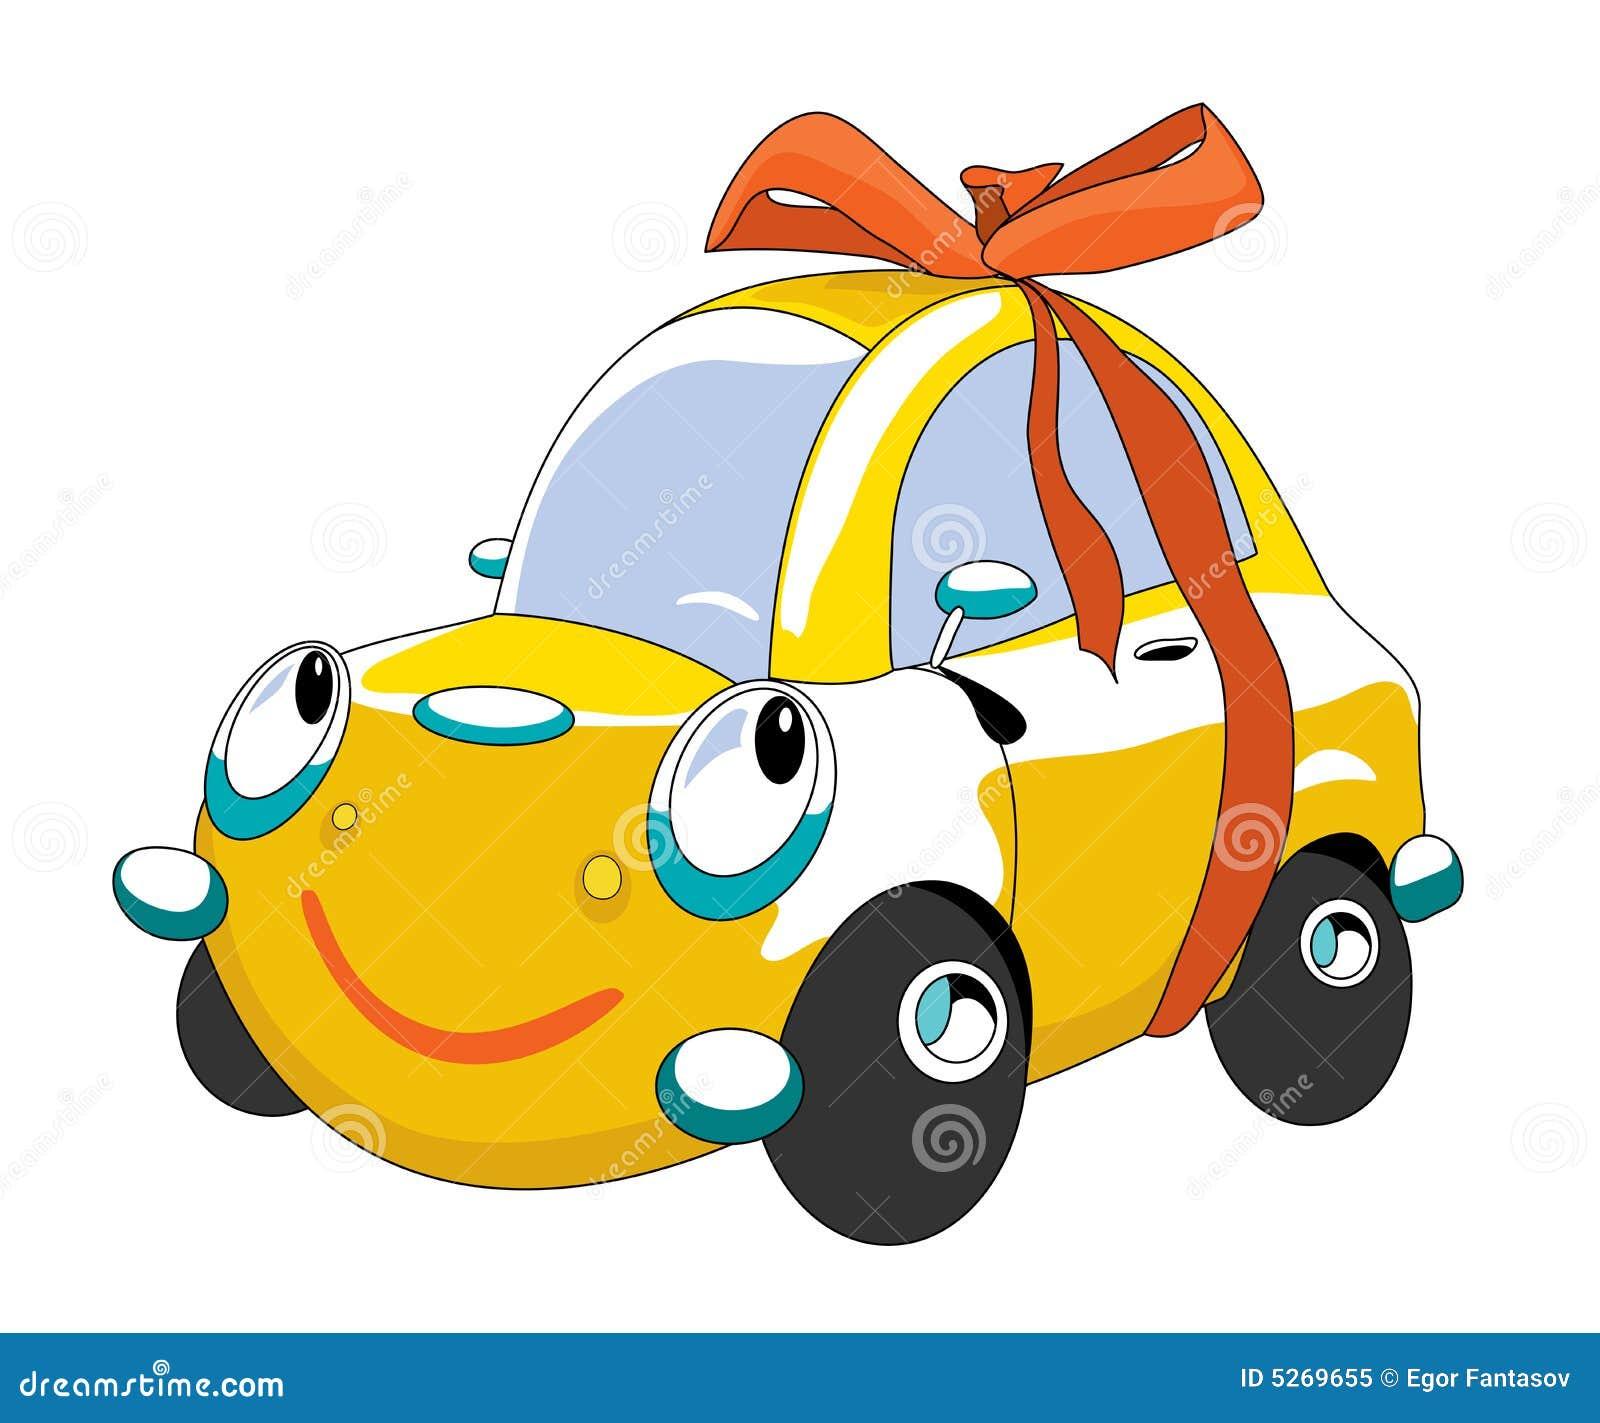 Cartoon Car Stock Vector. Illustration Of Cartoon